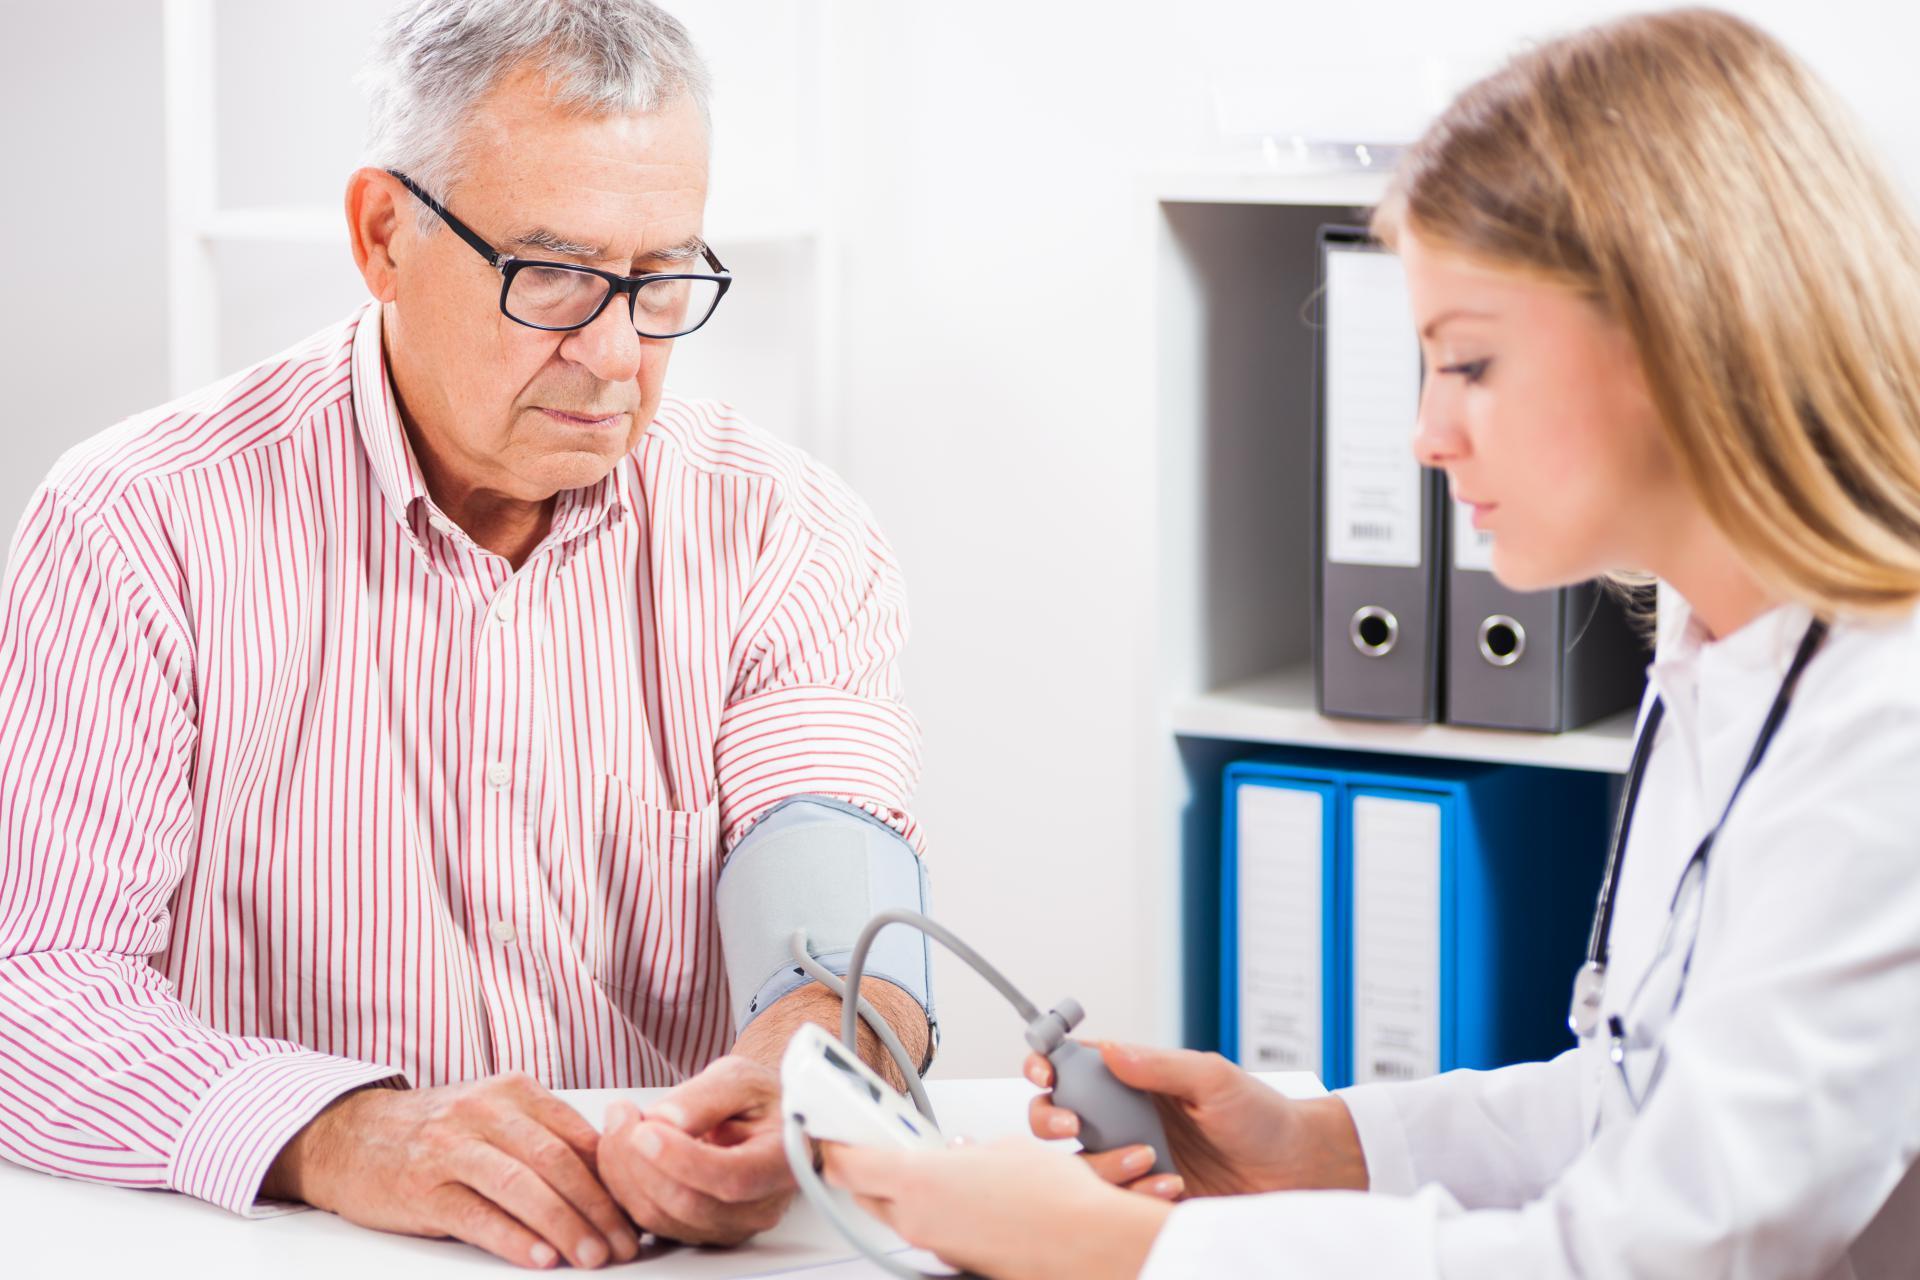 žena 38 godina koji imaju visok krvni tlak)